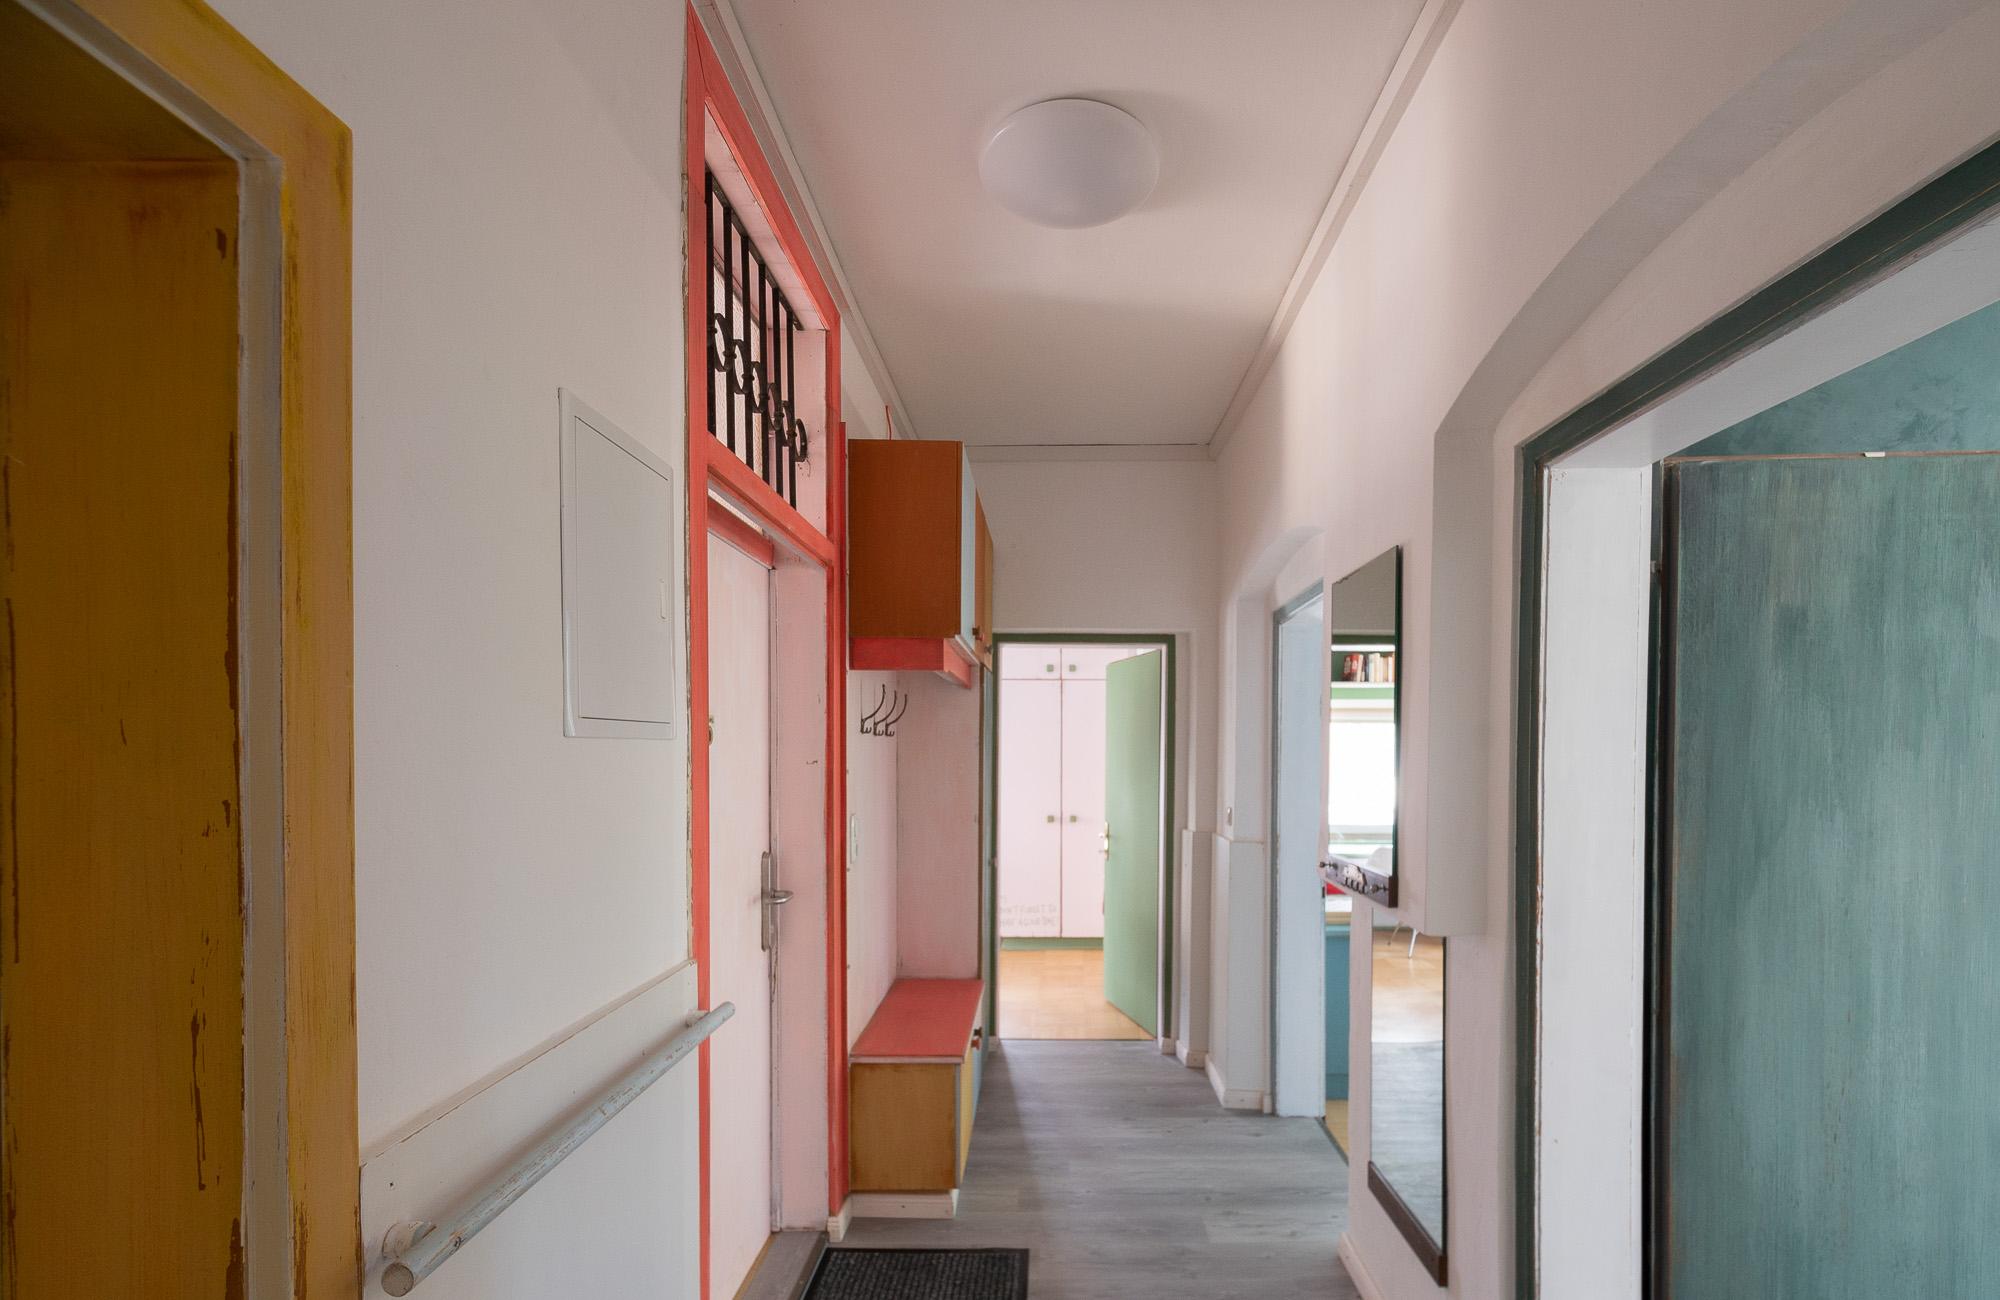 Farbtopf_Absteige_Budget_Holiday_Apartment_Room_Innsbruck_Center_Tirol_Austria_-16